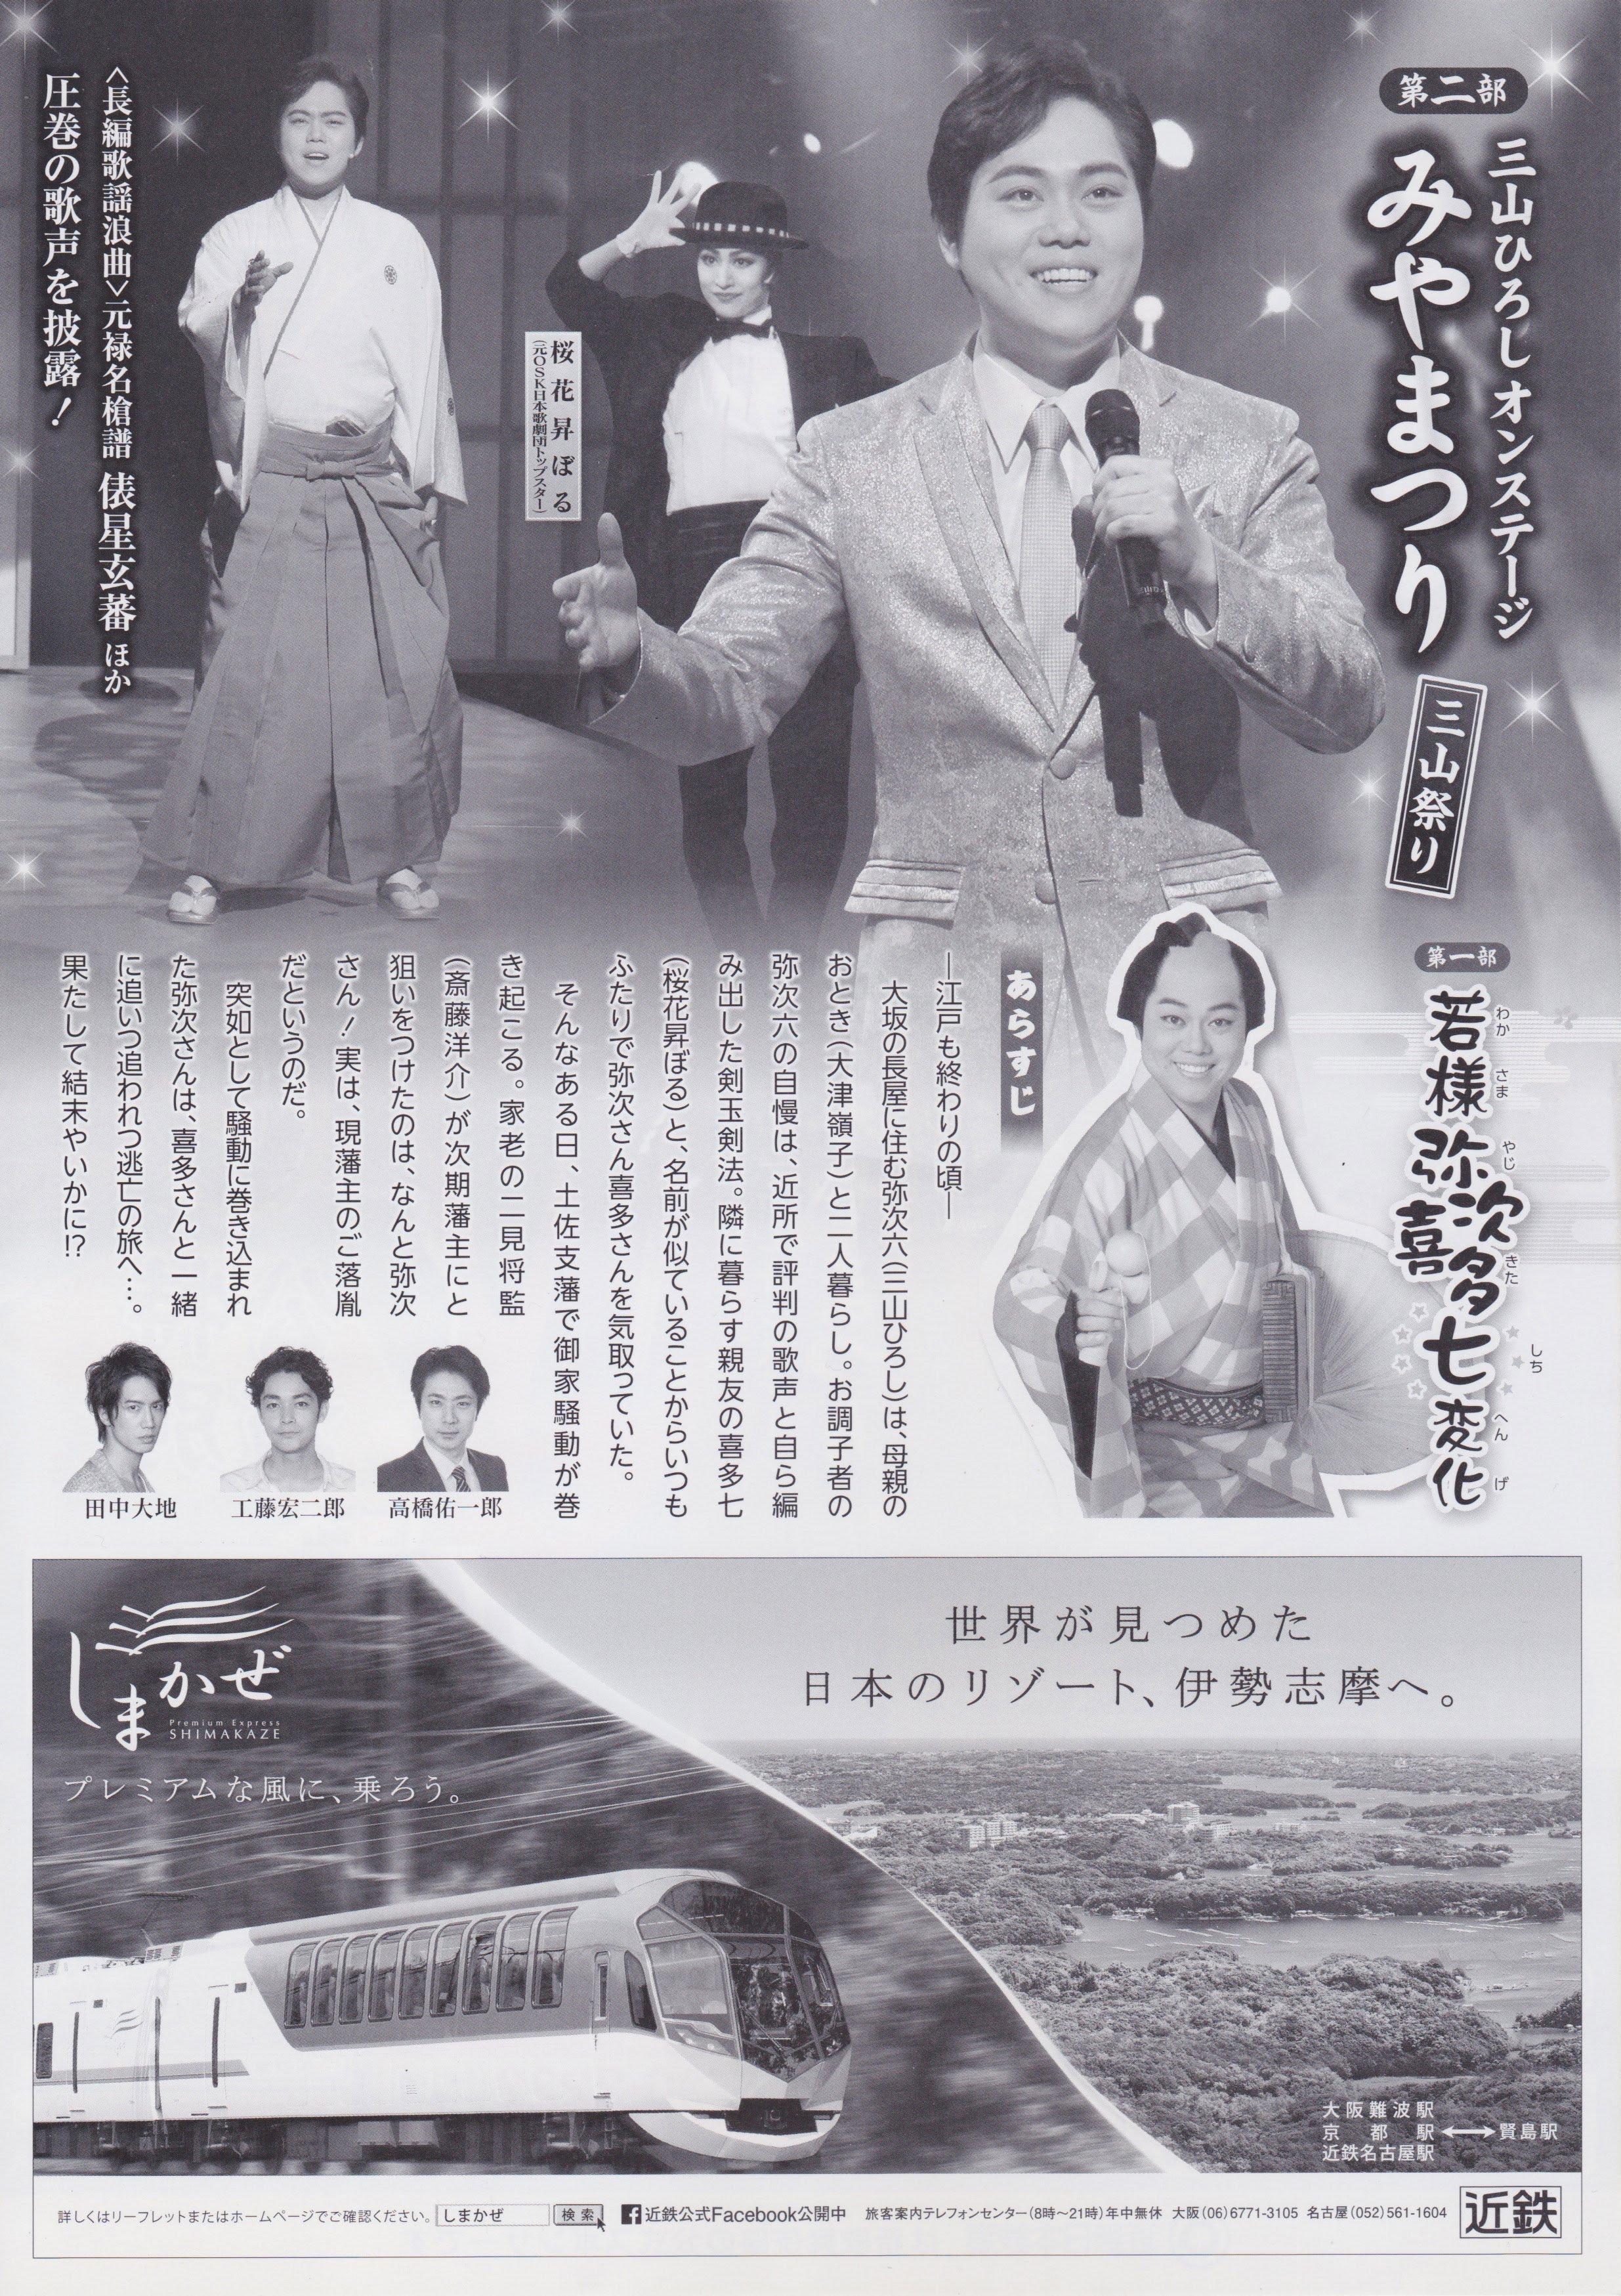 【2017-05-26】三山ひろし特別公演_裏